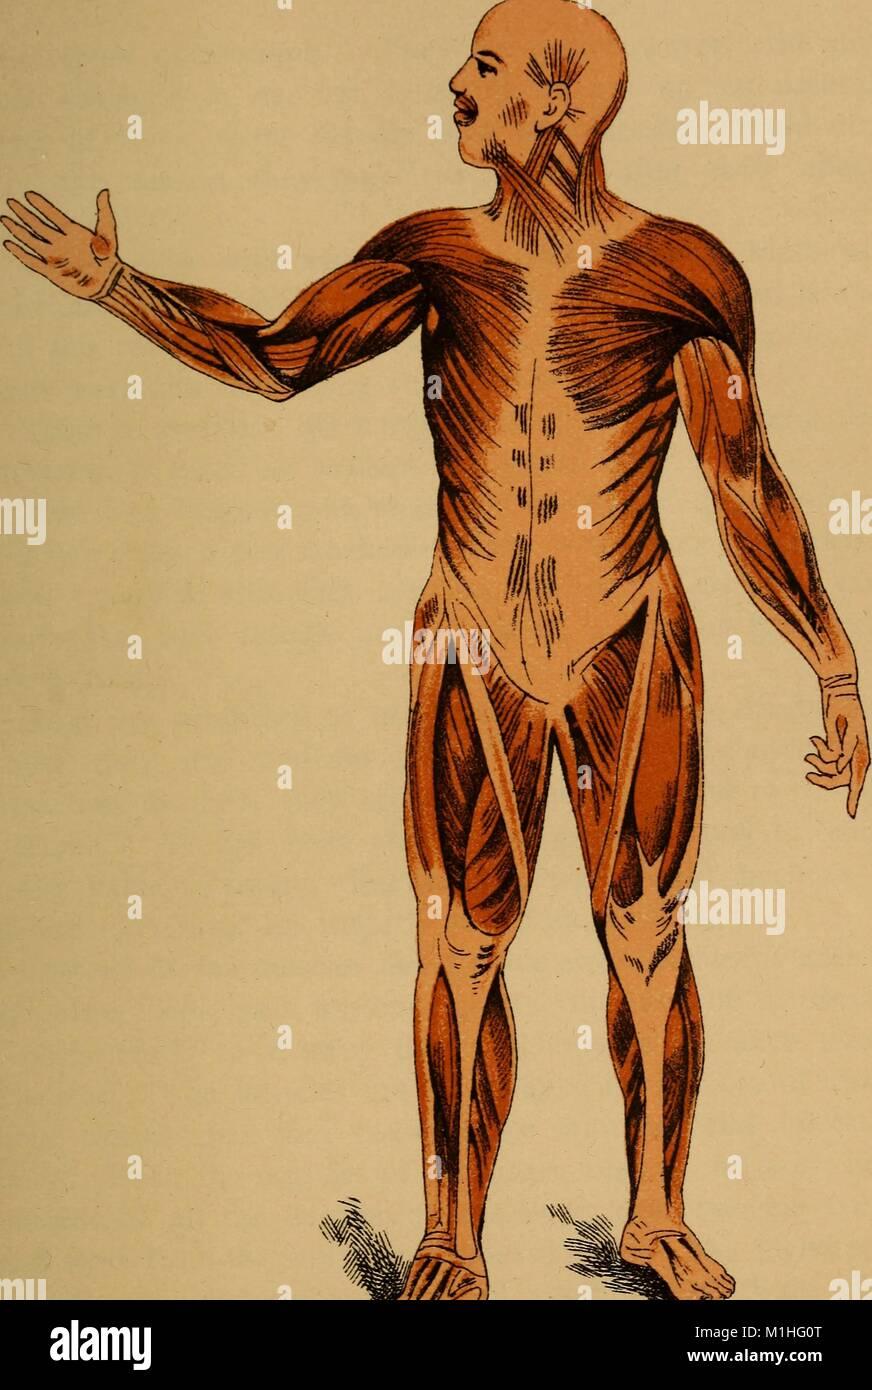 Ilustración en color del sistema muscular humano, subtitulado ...